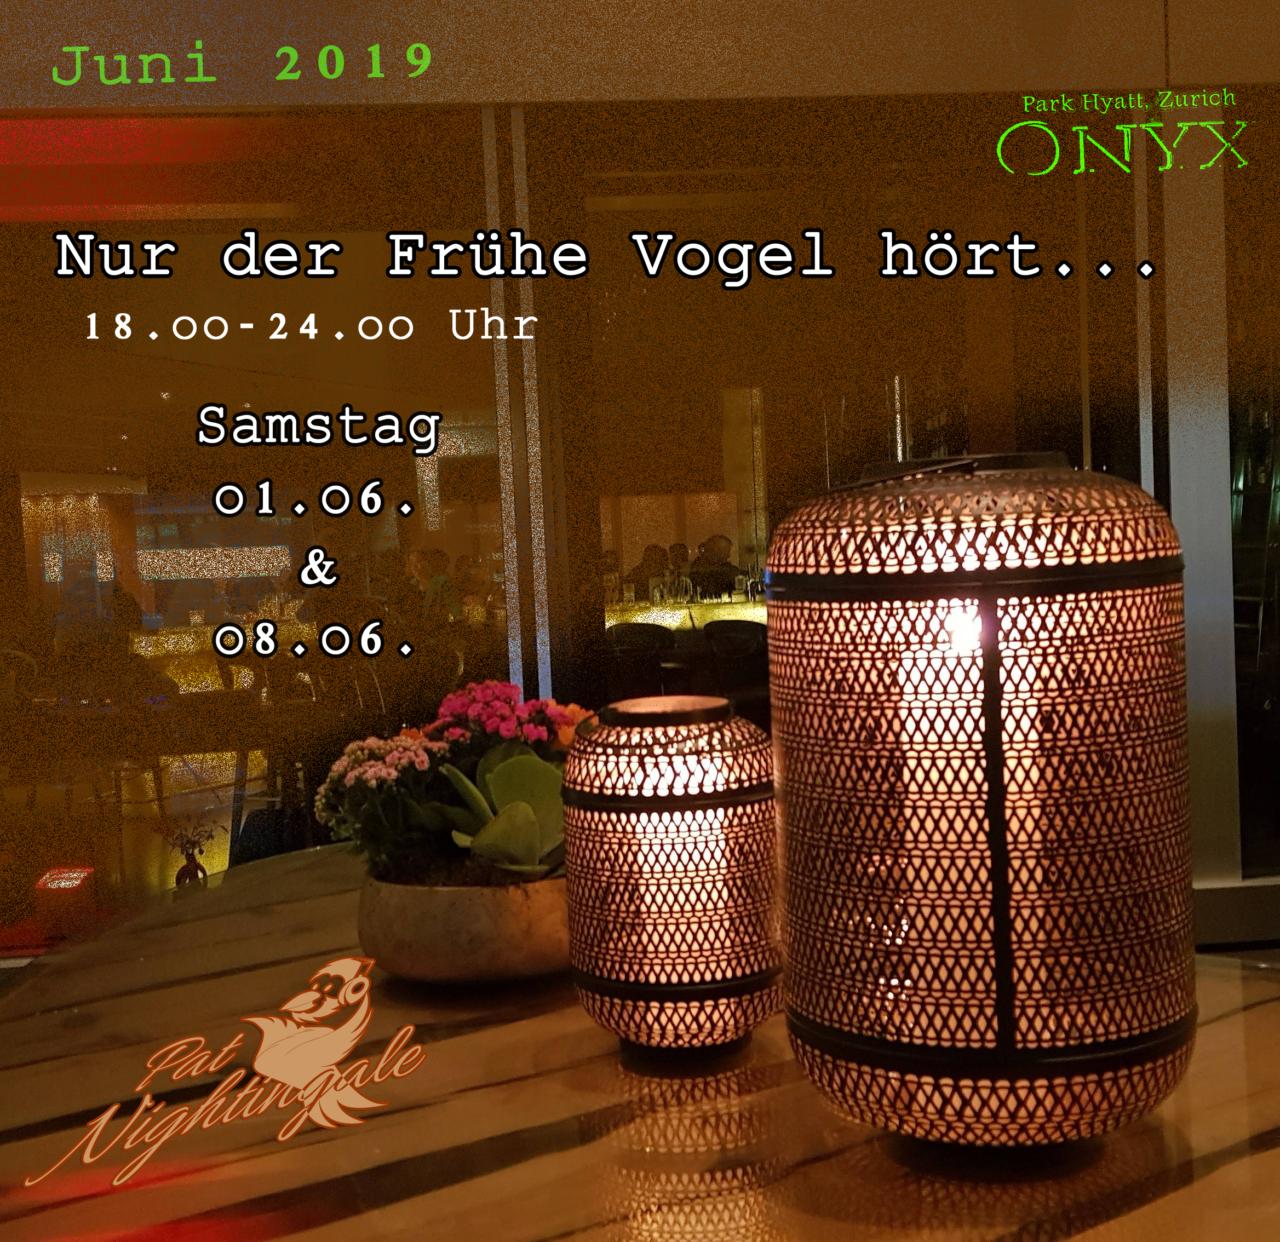 Onyx Flyer Juni 19